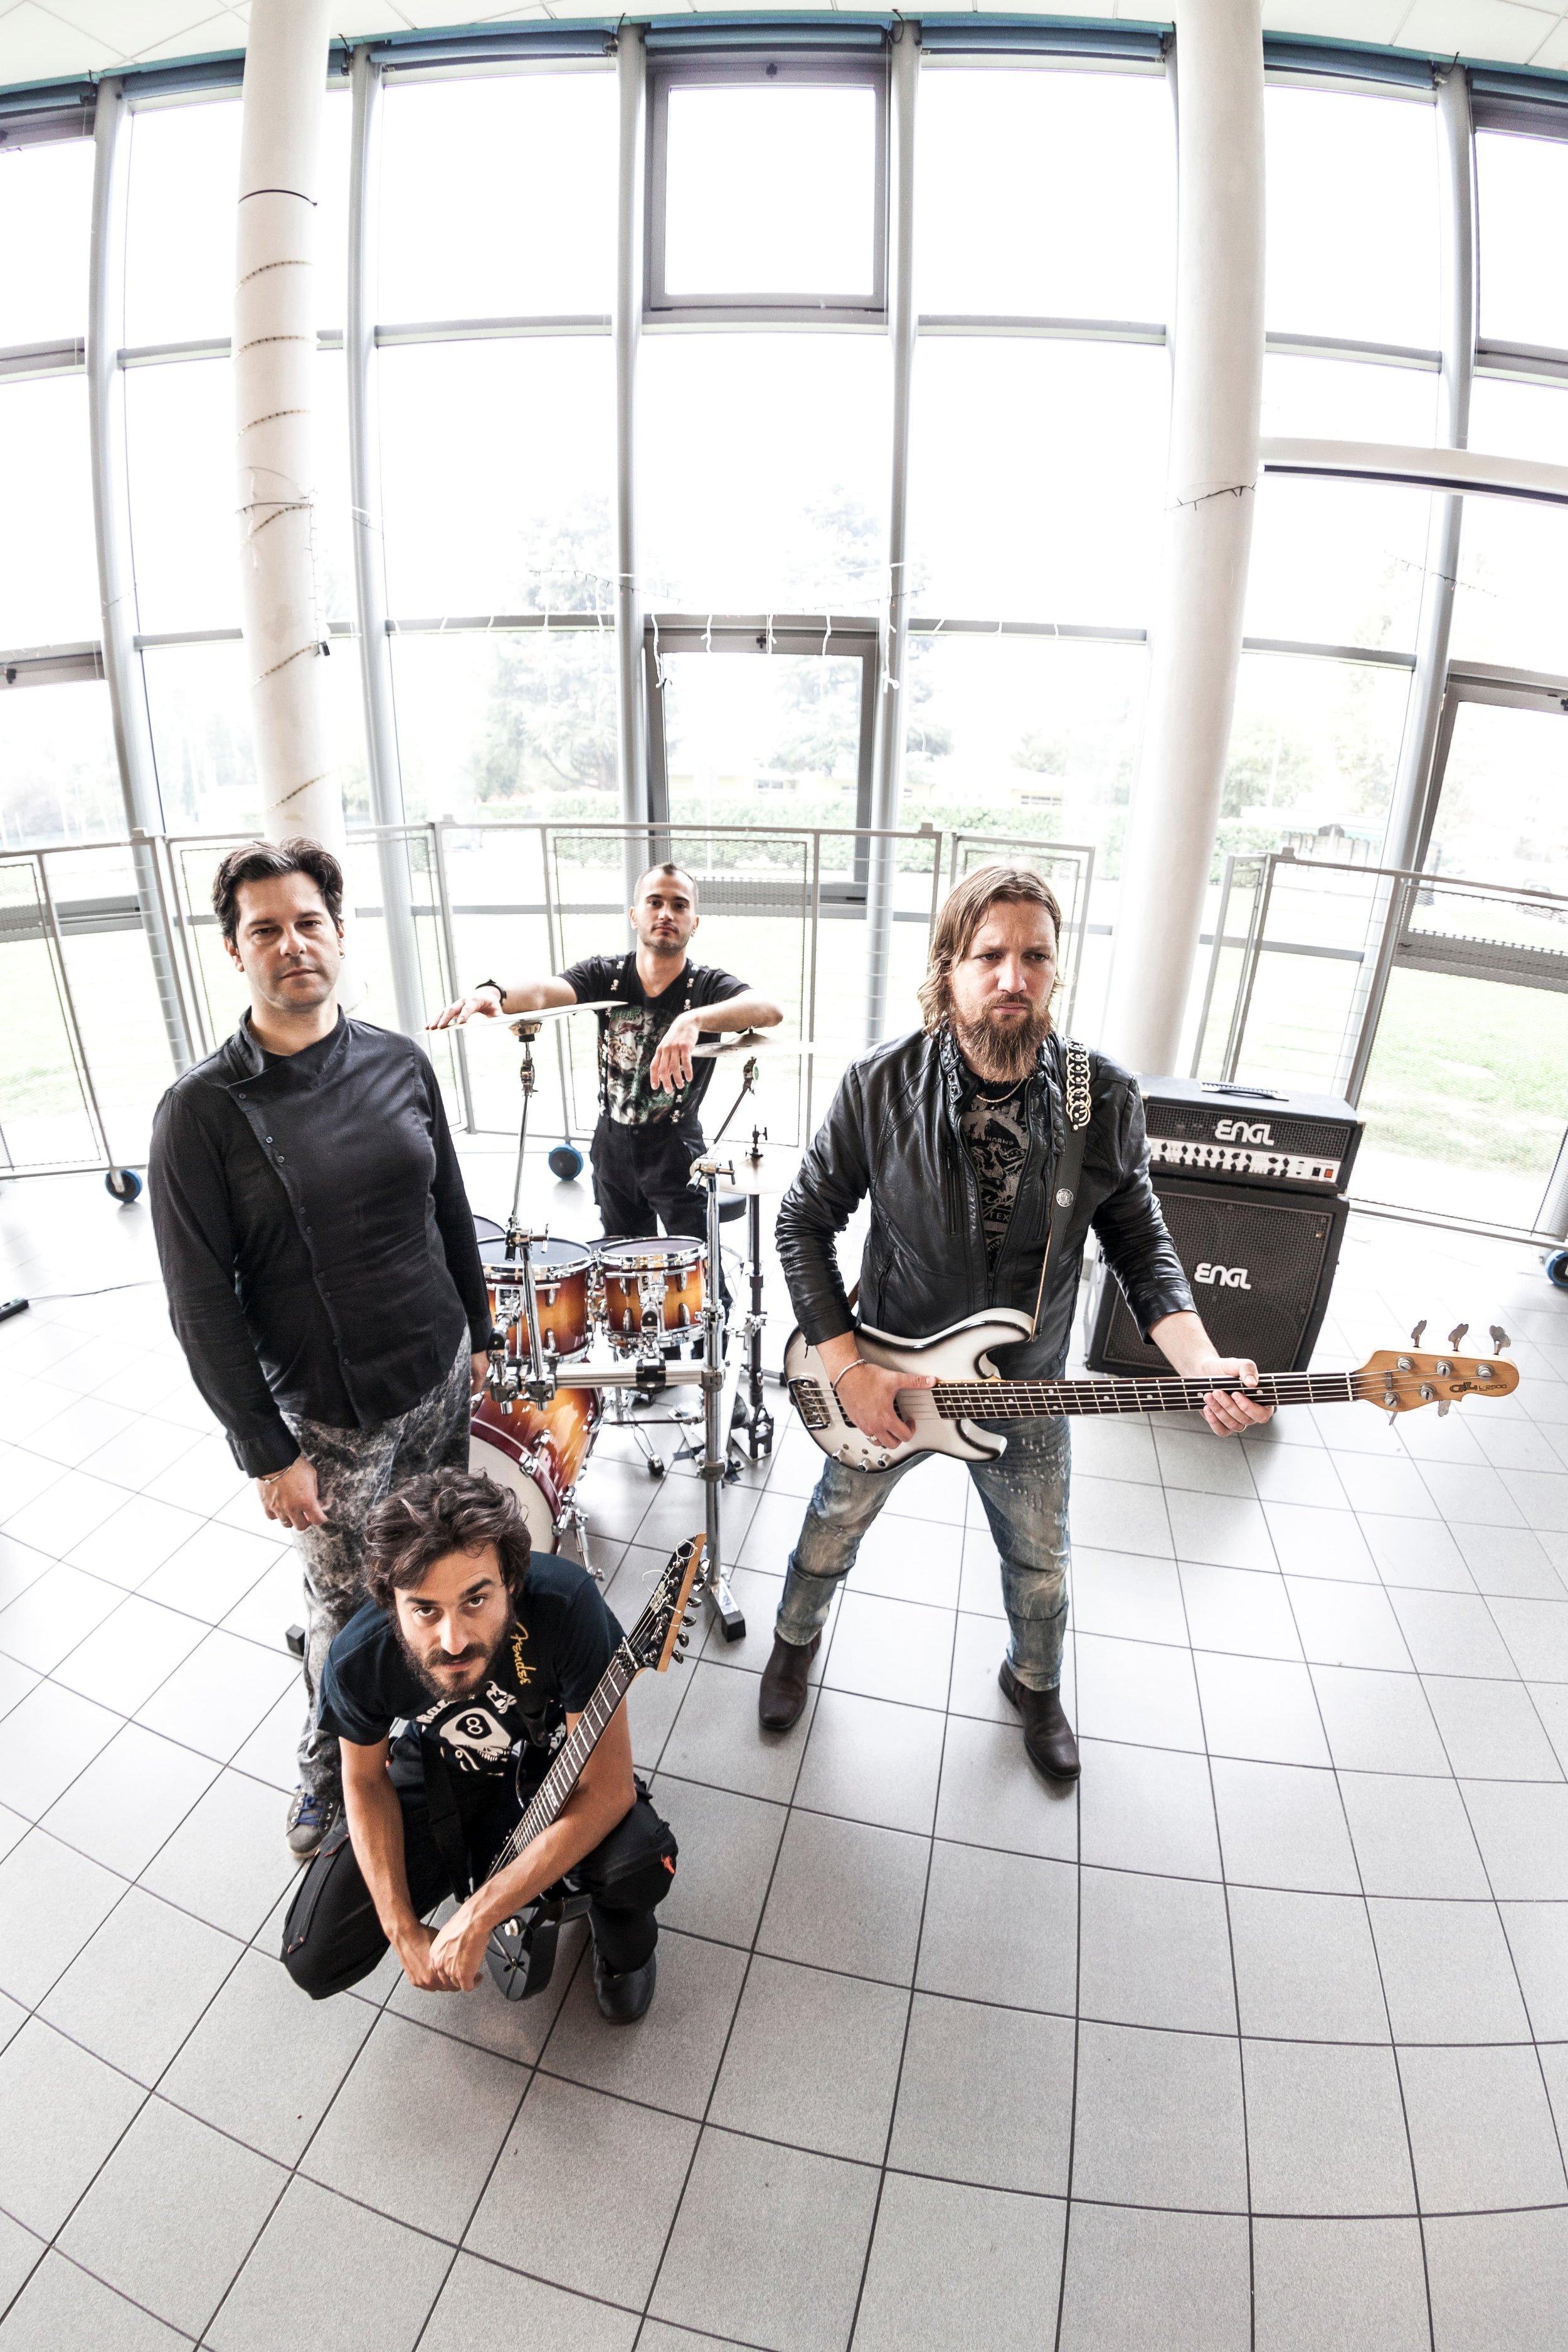 servizio fotografico per una band